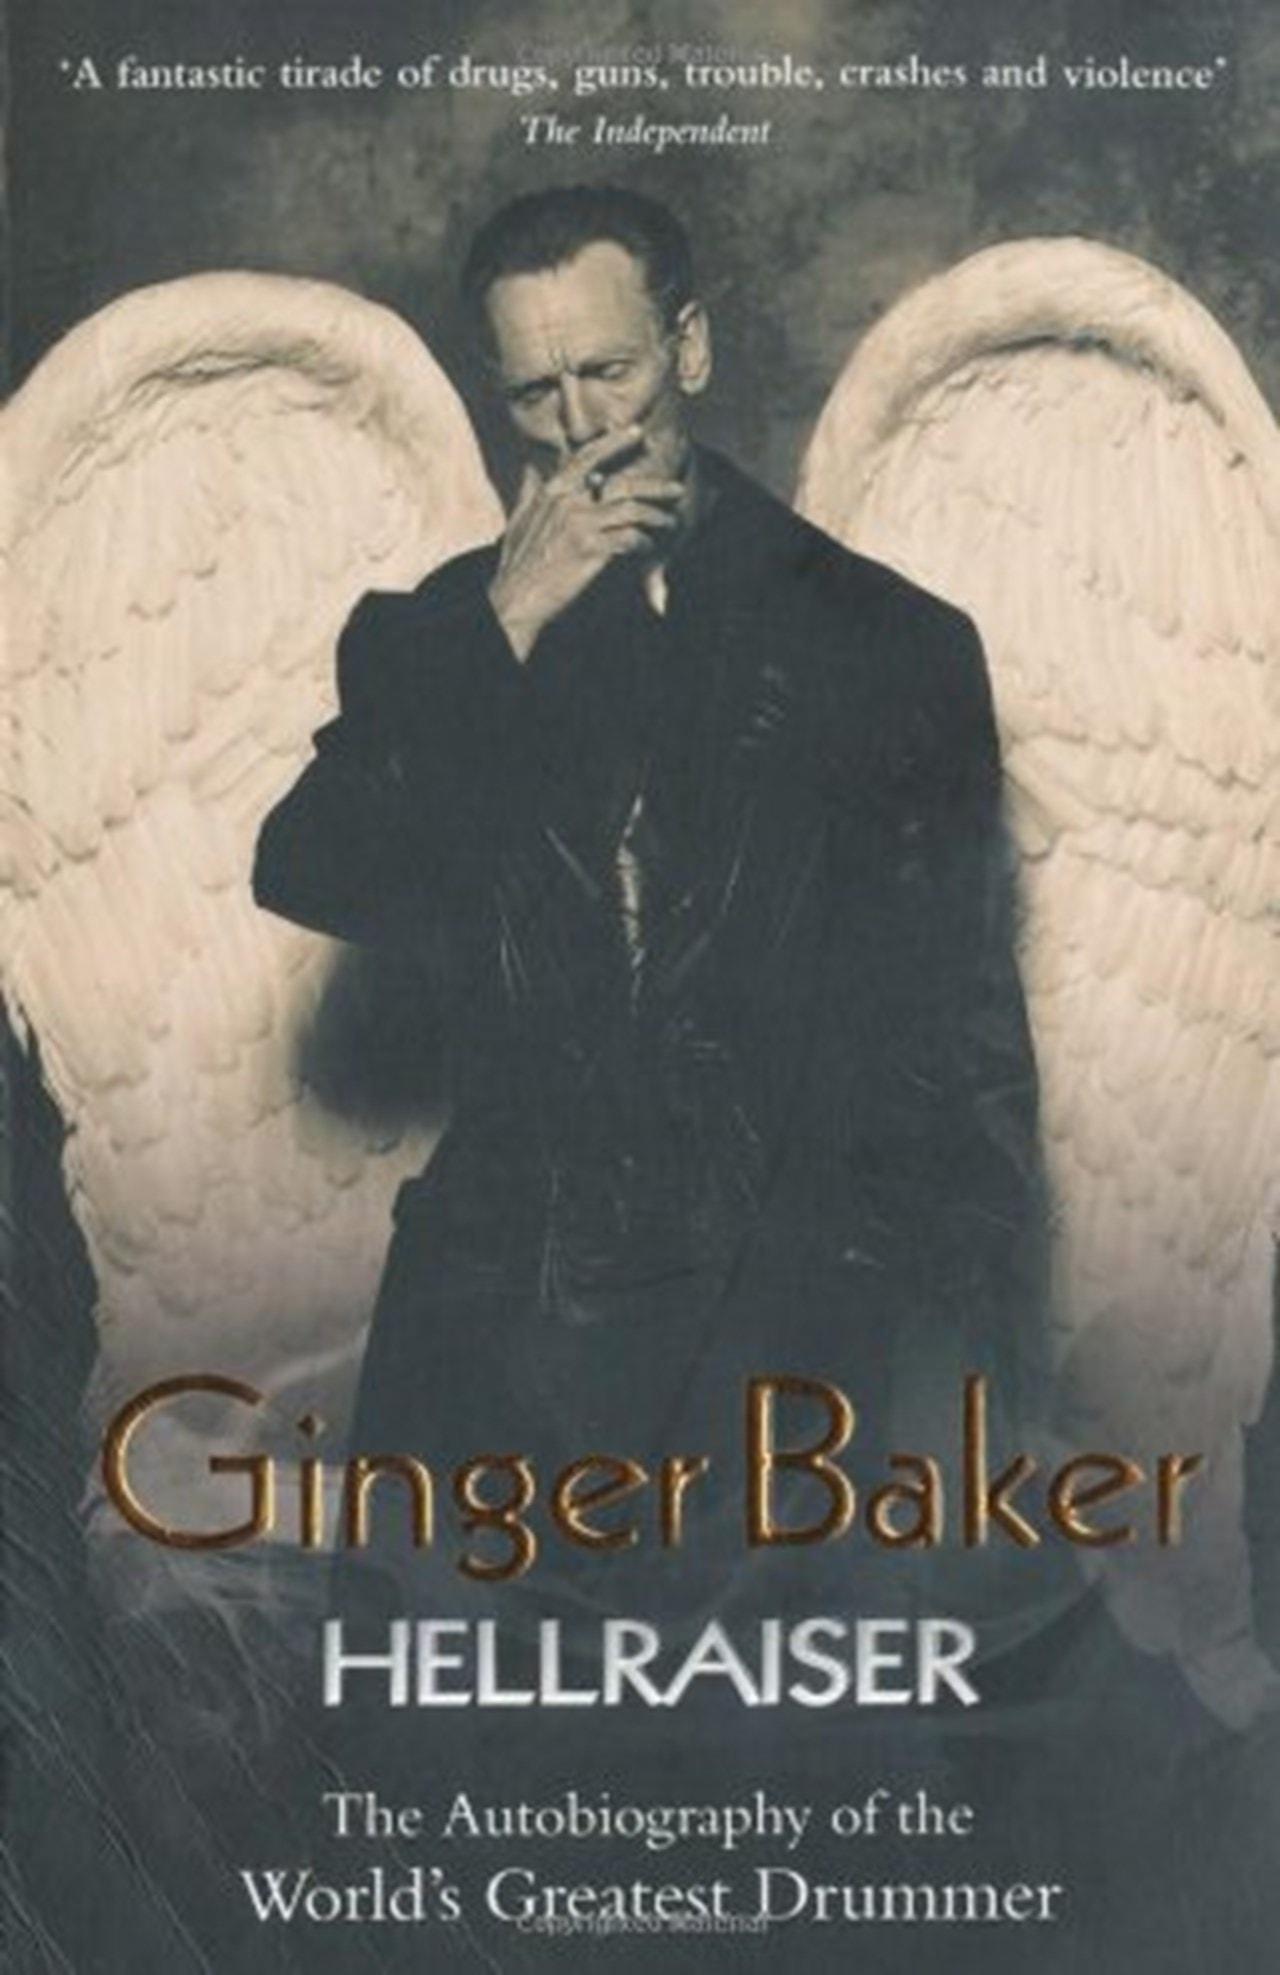 Ginger Baker: Hellraiser - 1